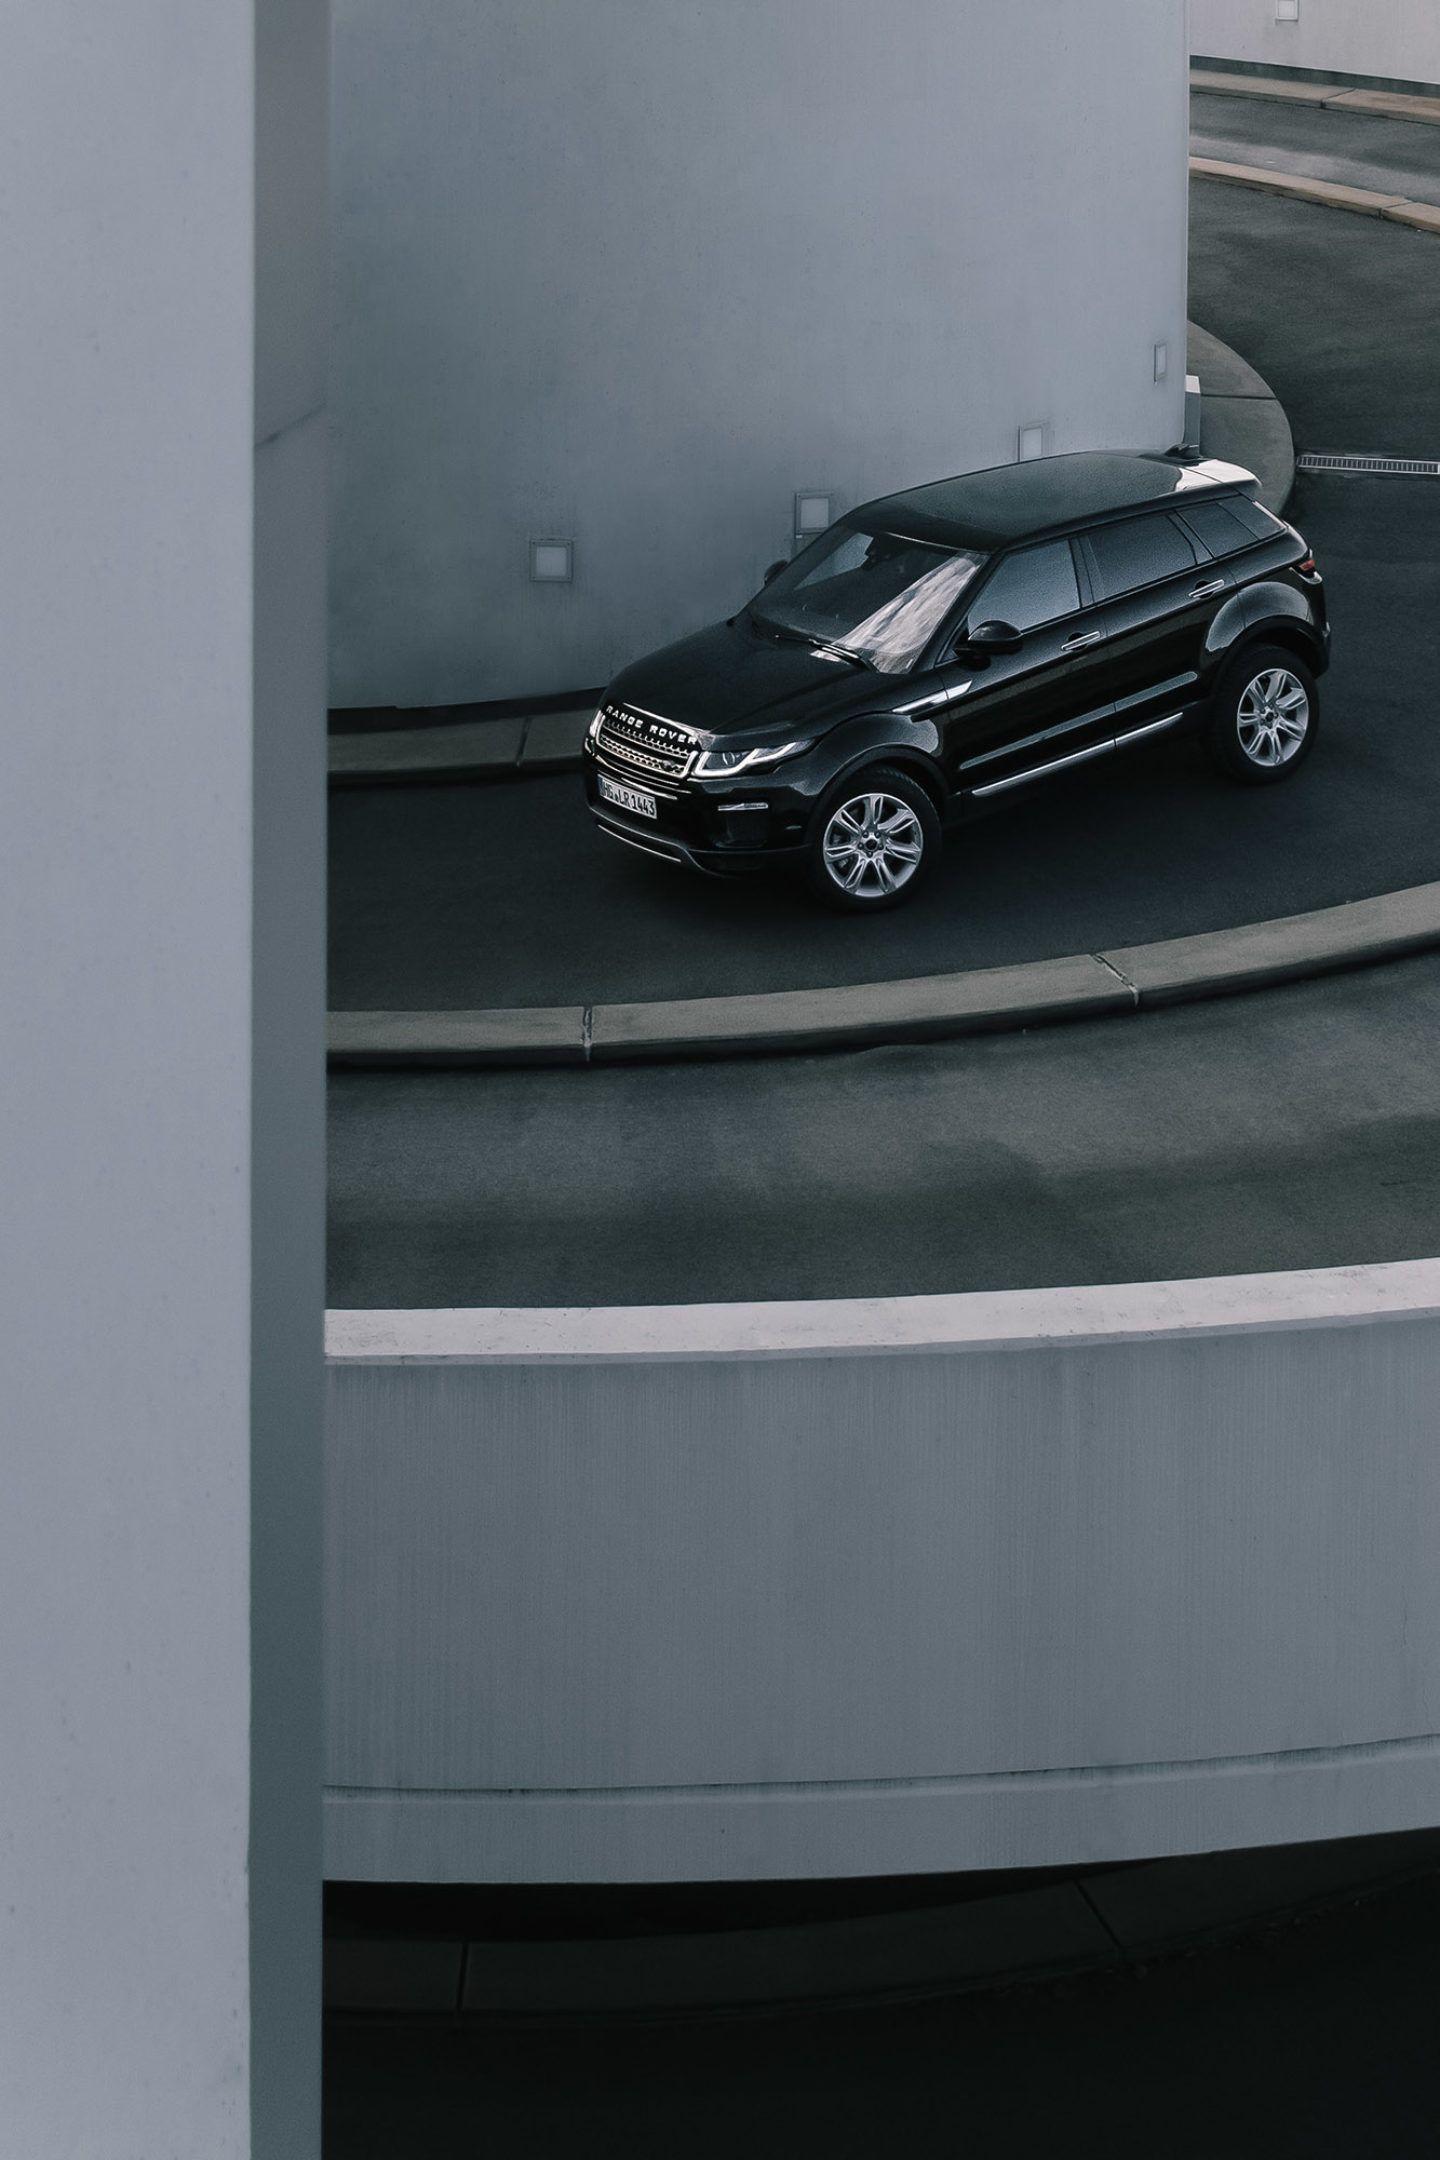 Range-Rover-Evoque-IGNANT-Alejandro-Arretureta-004